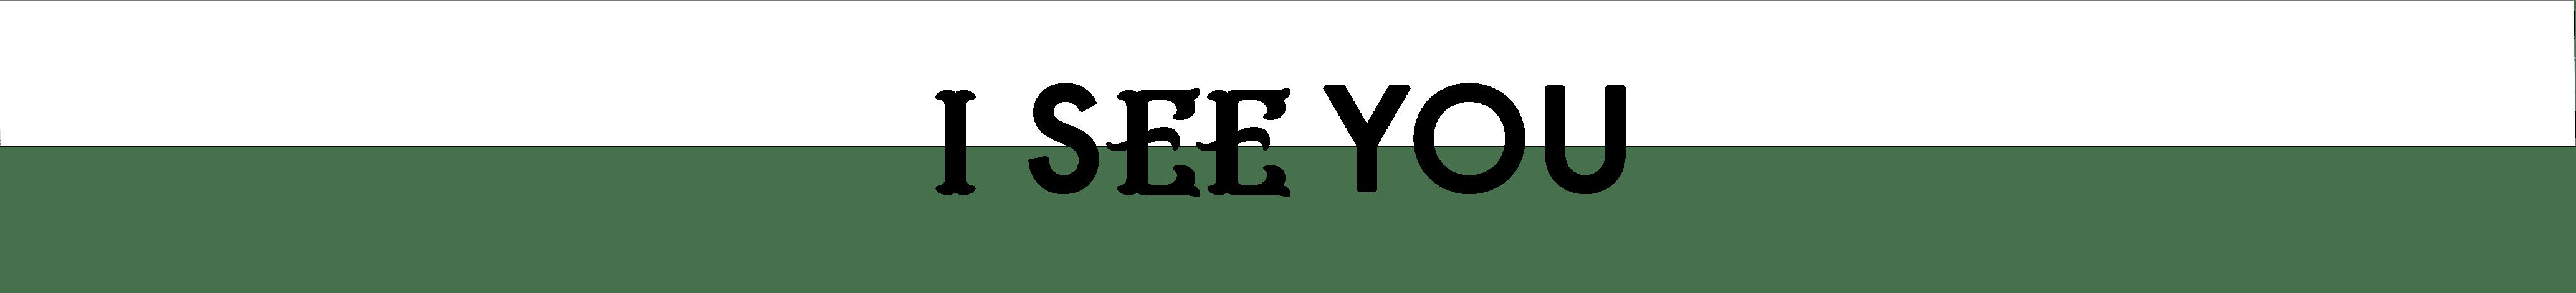 I SEE YOU-min